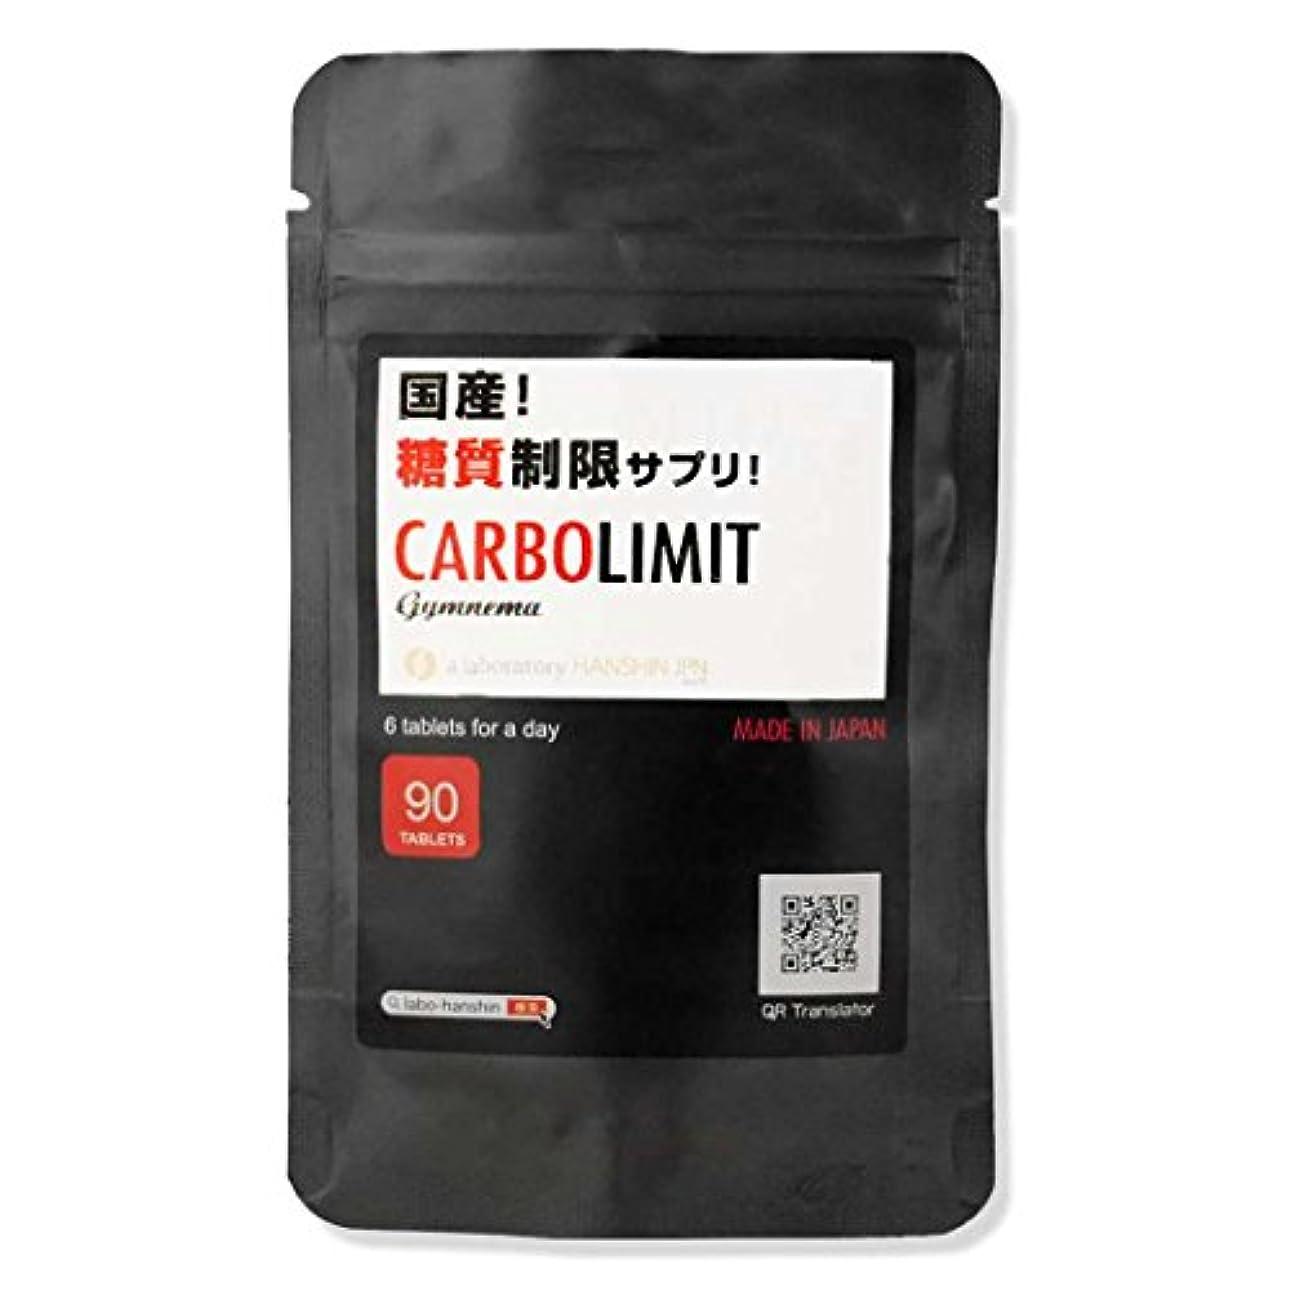 本会議者十糖質制限 ダイエット 断糖サプリ 高濃度 ギムネマ 国産 カーボリミット